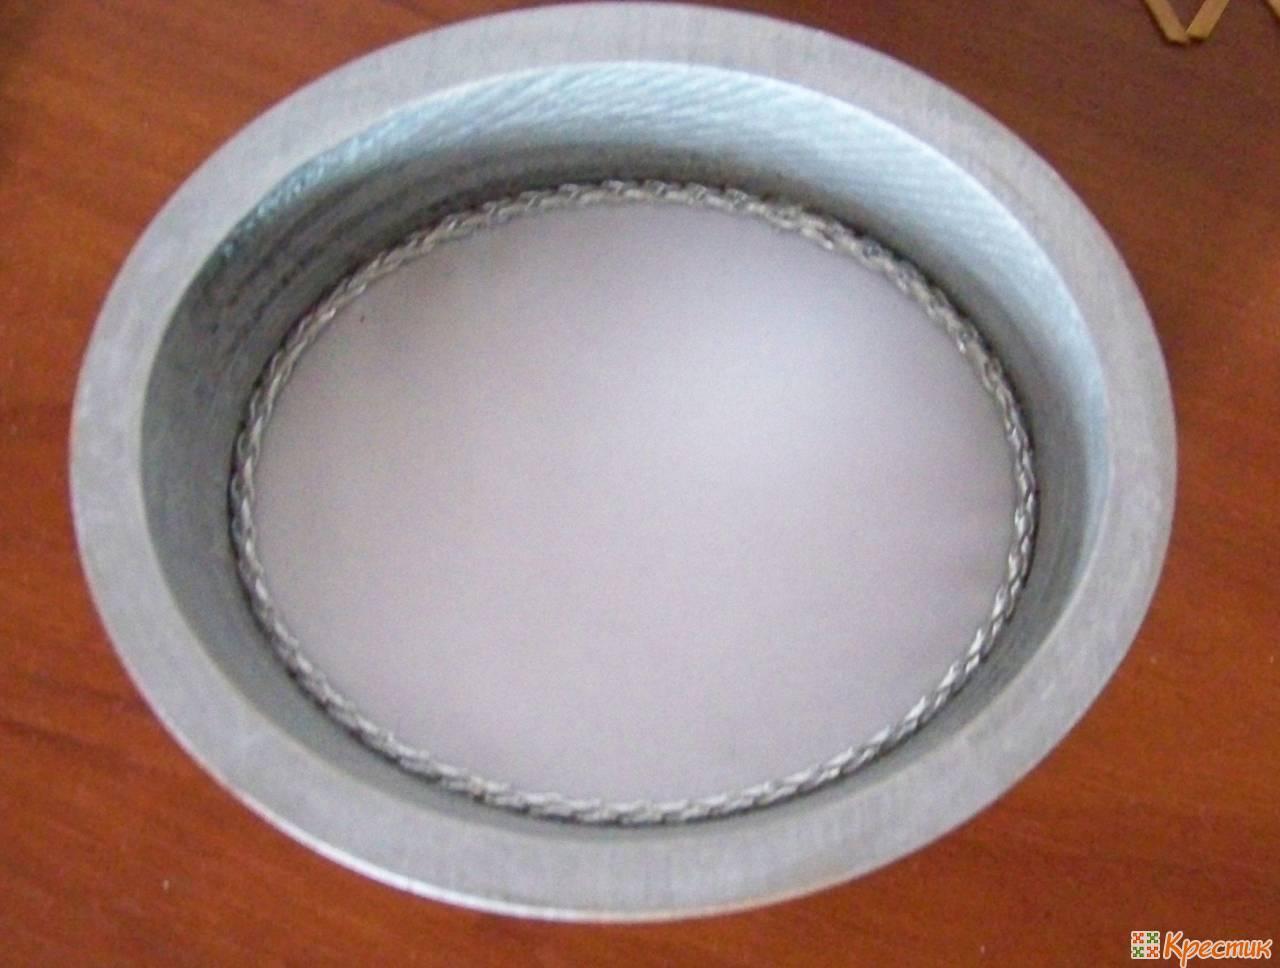 2-SHkatulochka-dlya-bisera-1.JPG